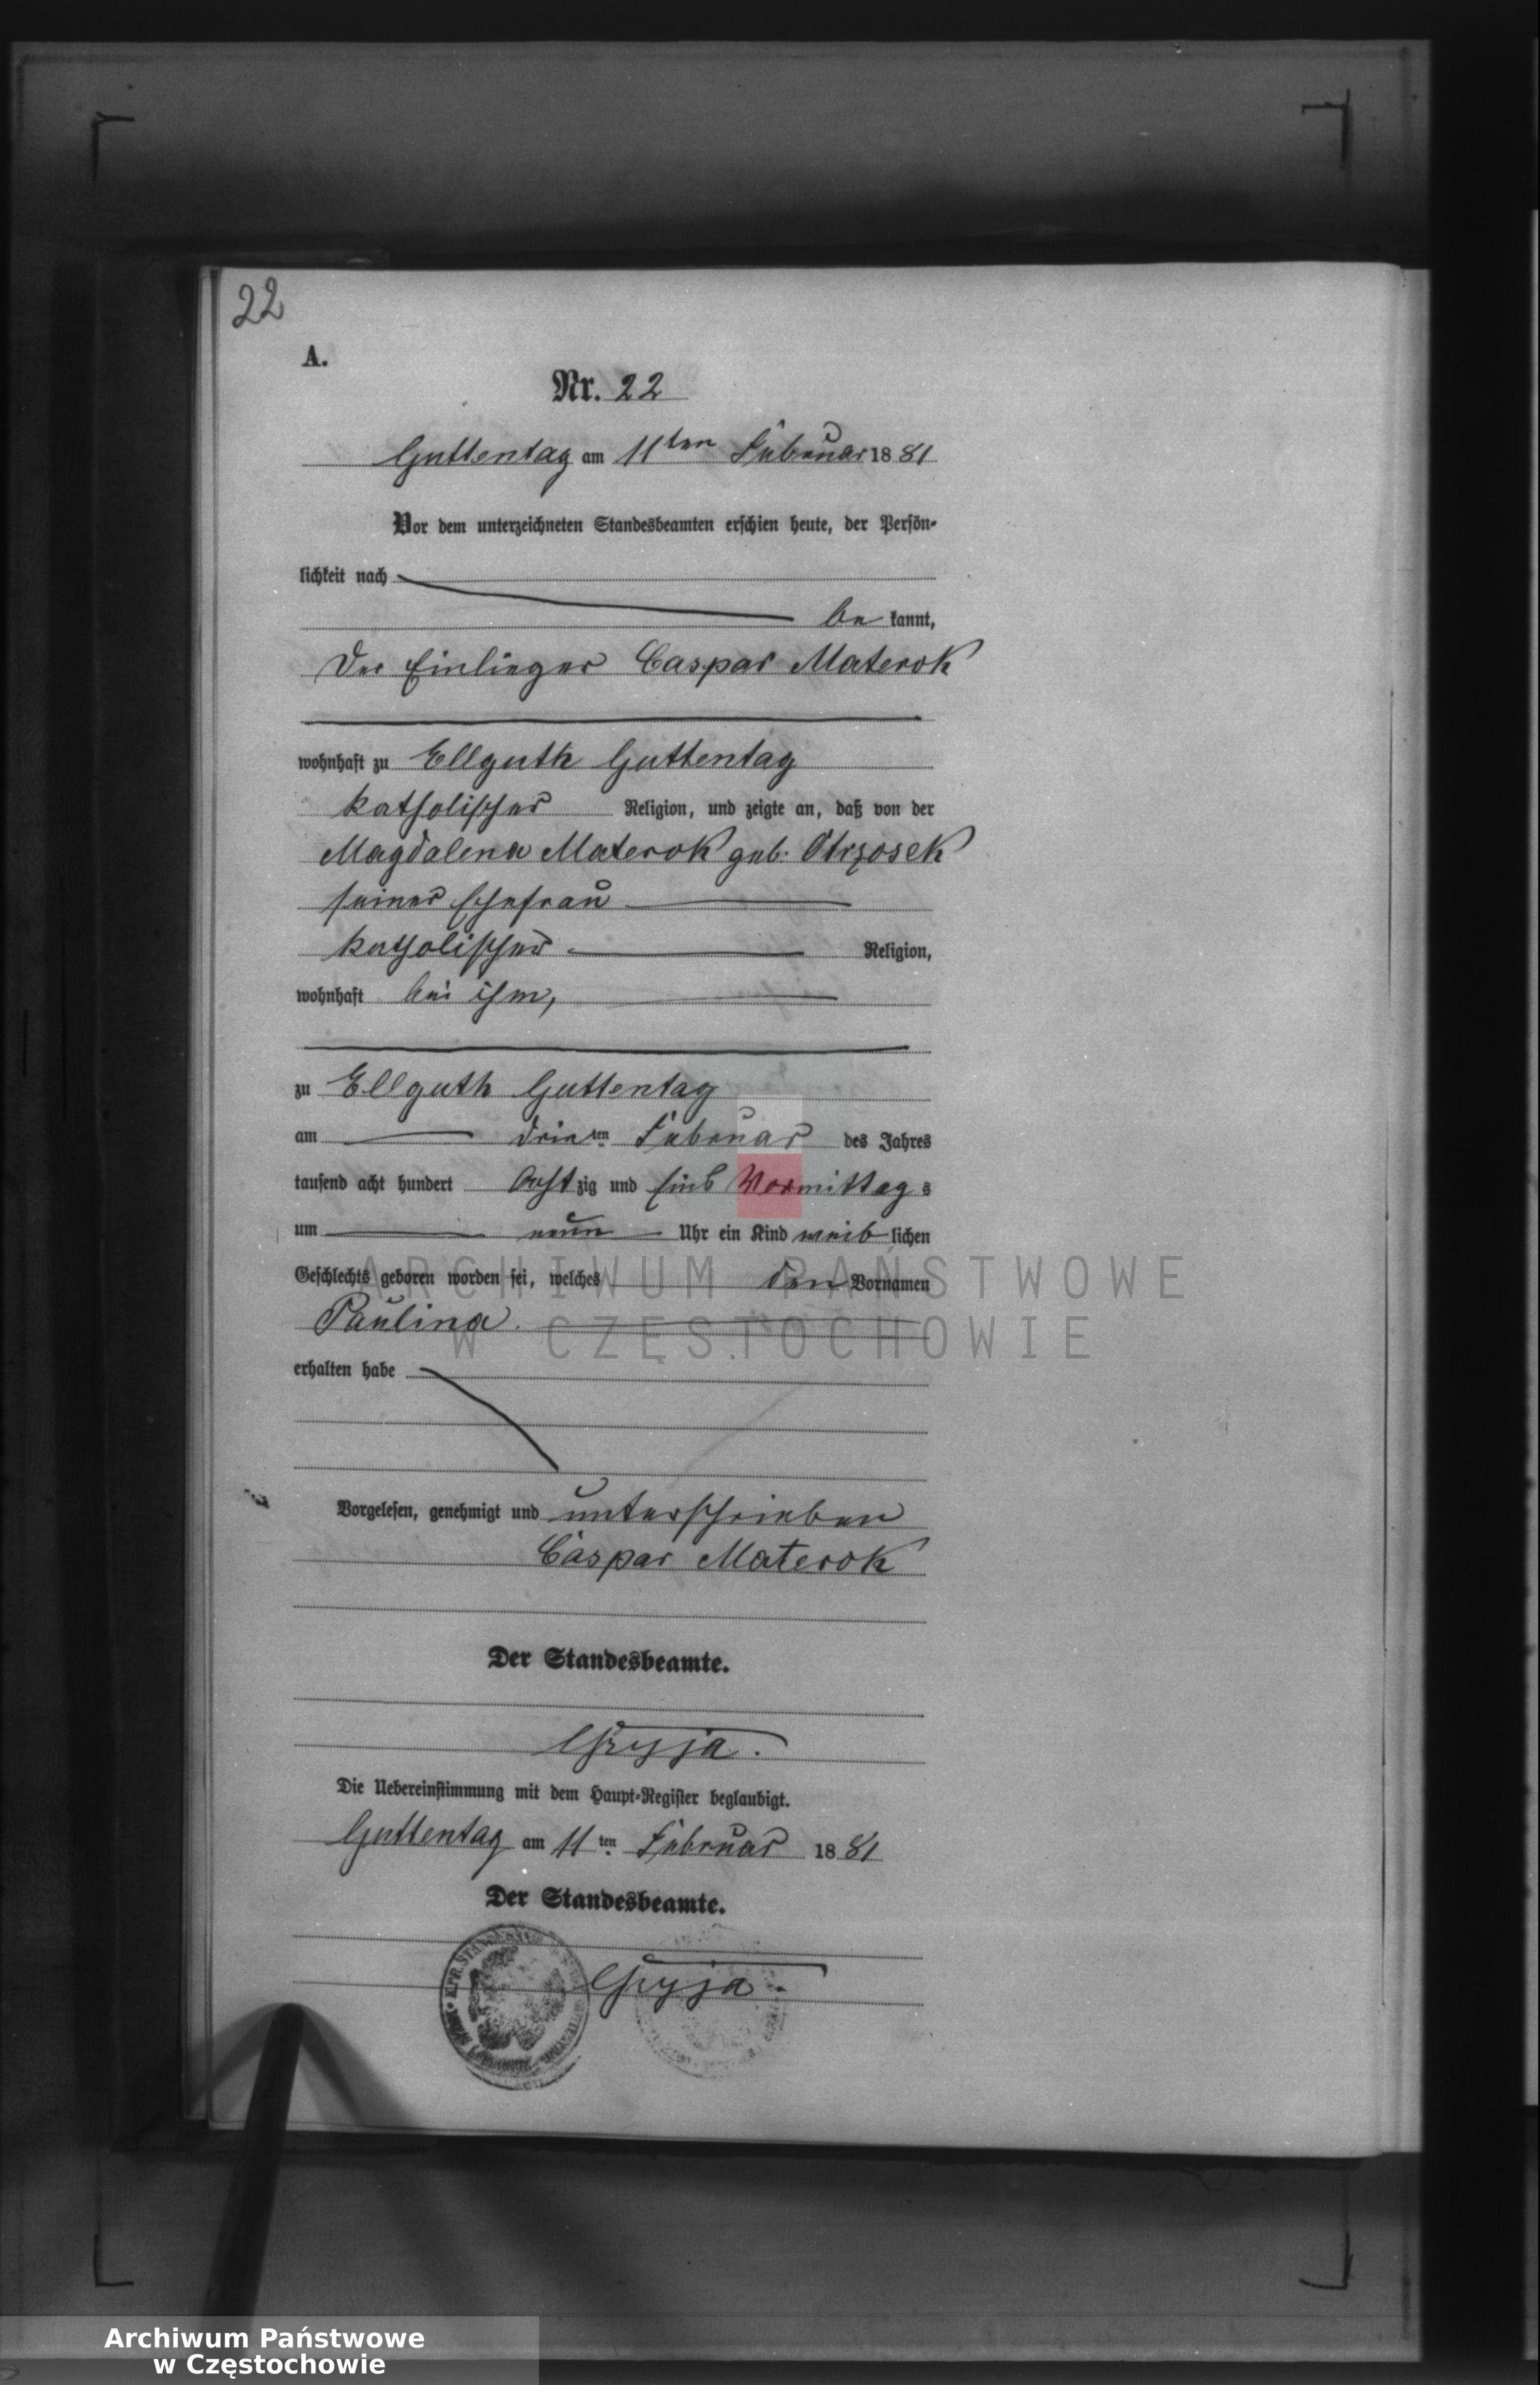 Skan z jednostki: Geburts - Neben Register des Königlich Preussischen Standesamts Guttentag im Kreise Lublinitz pro 1881.